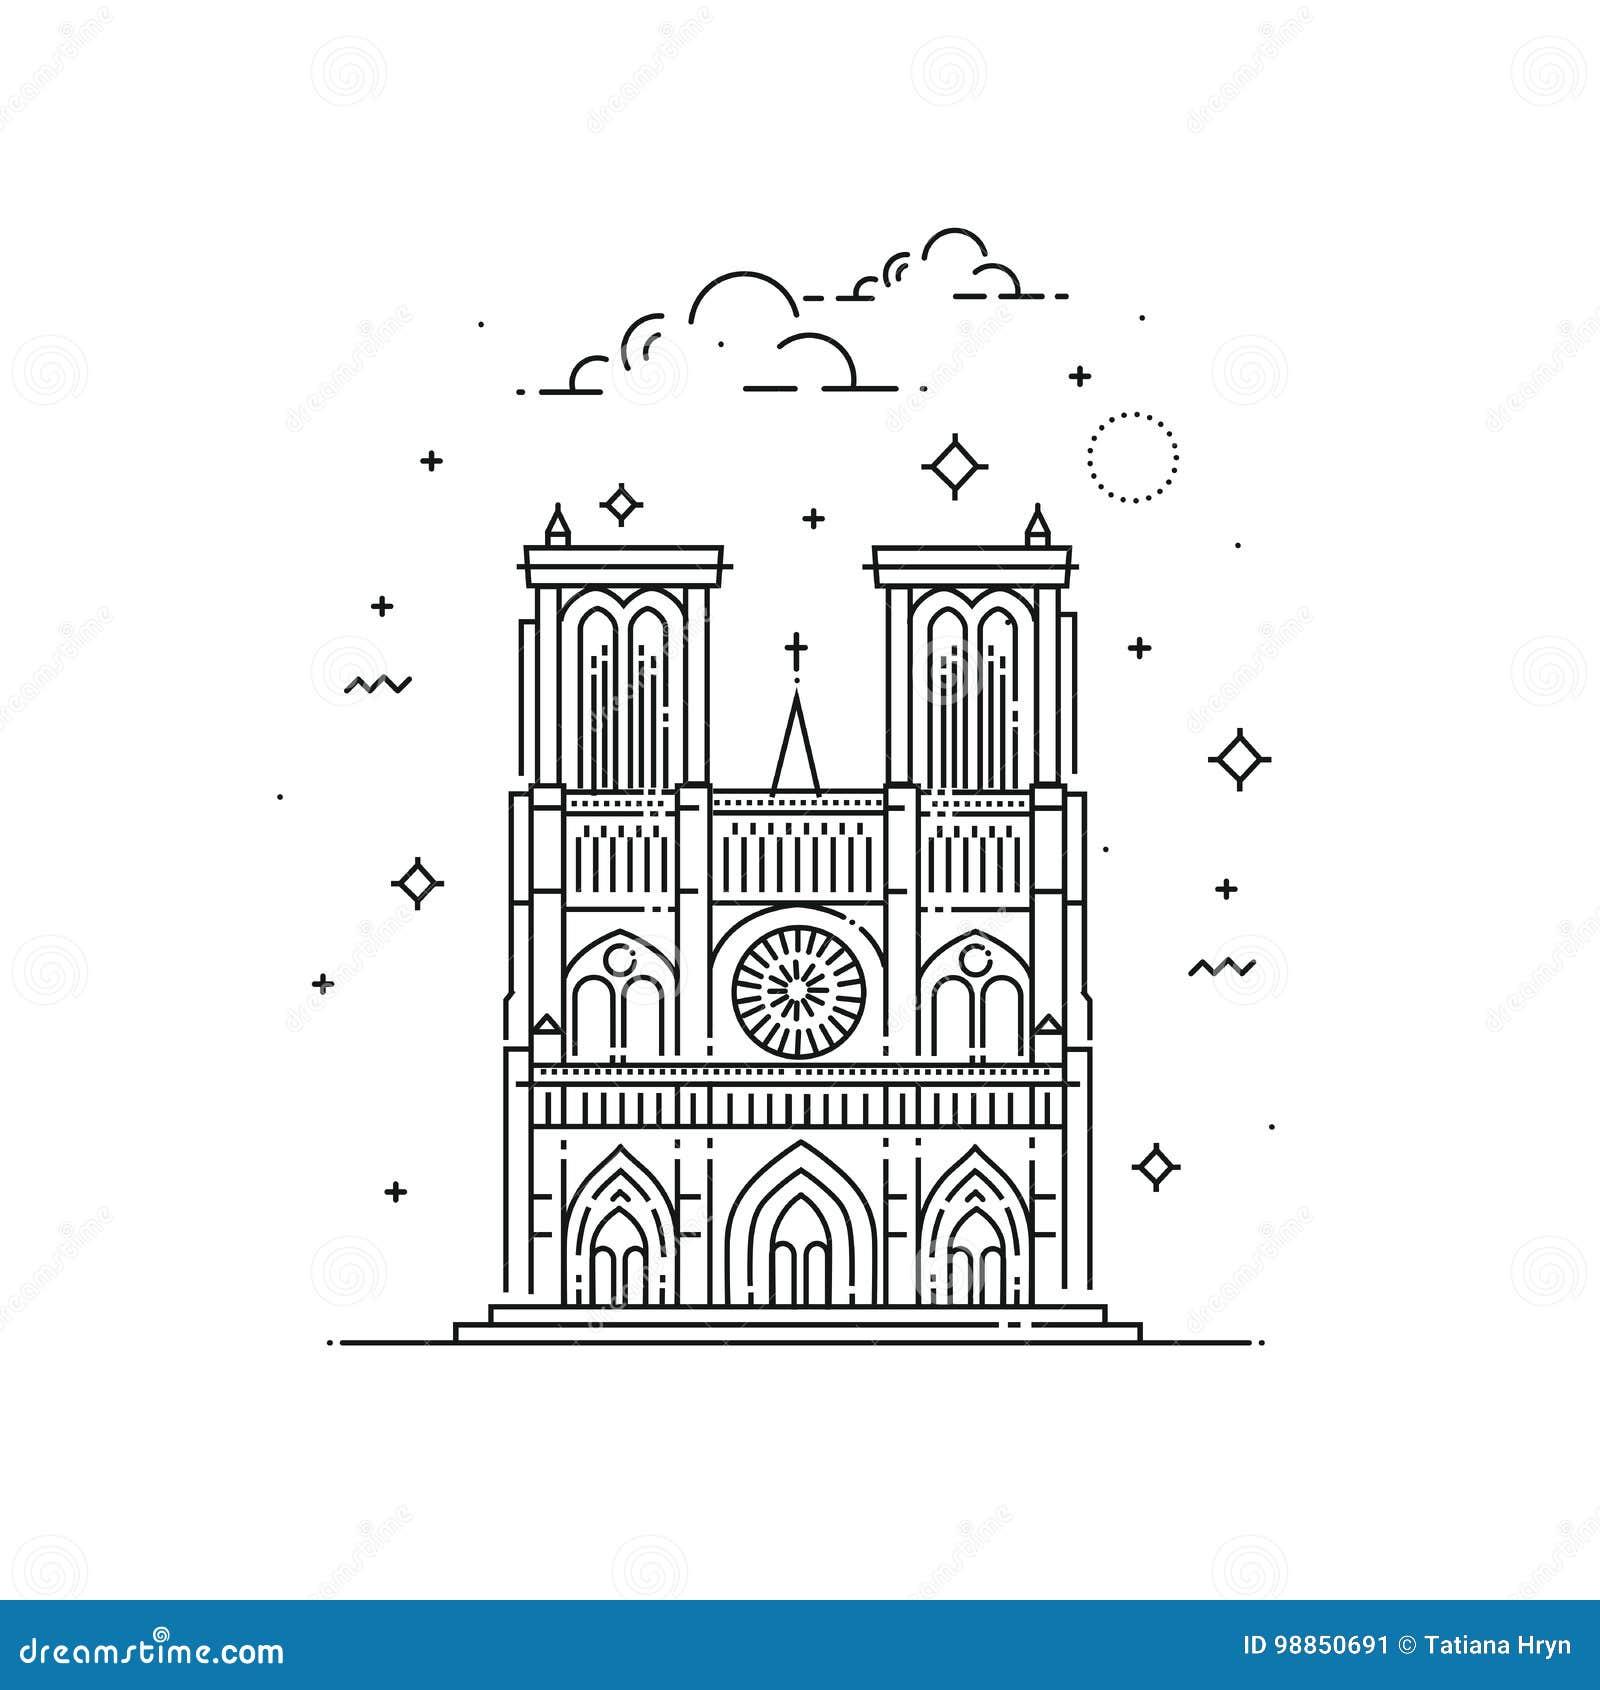 Notre Dame De Paris Disegno.Notre Dame De Paris Illustration Made In Outline Style World